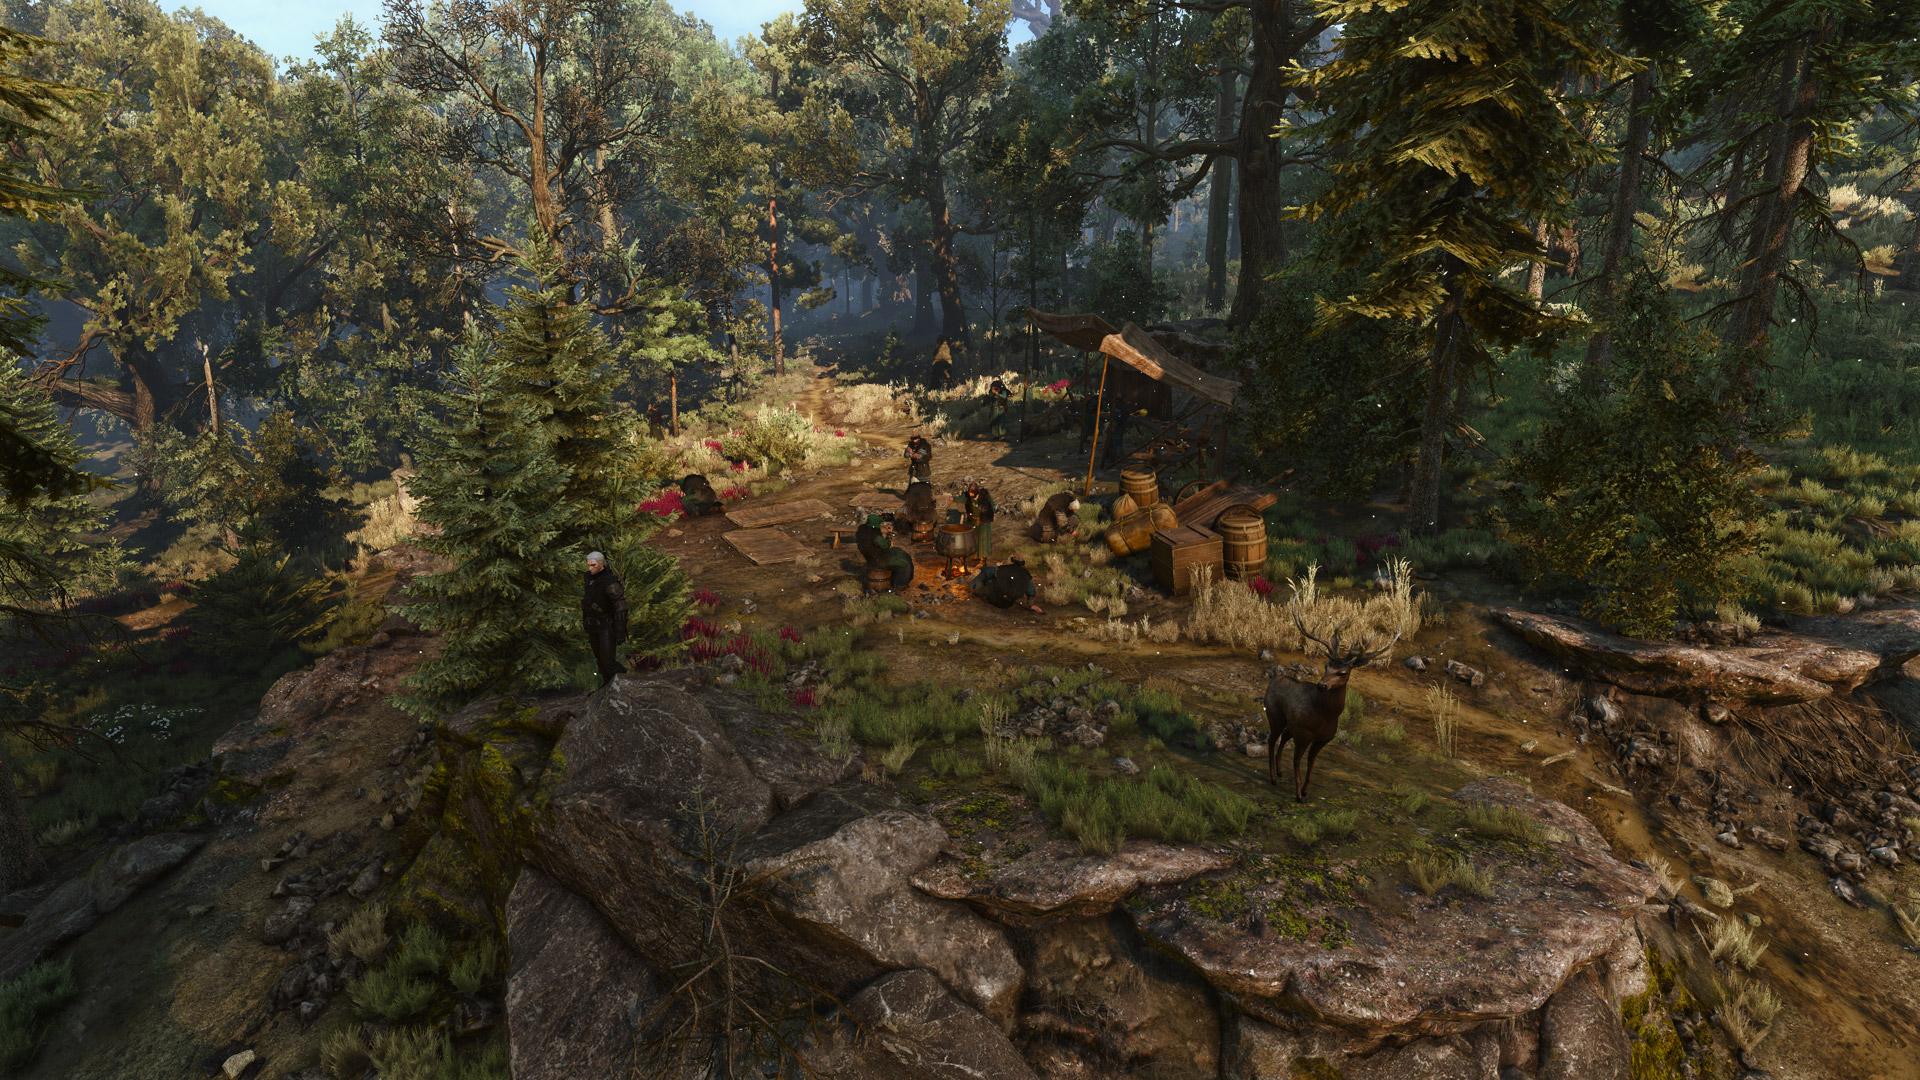 Druids' Camp